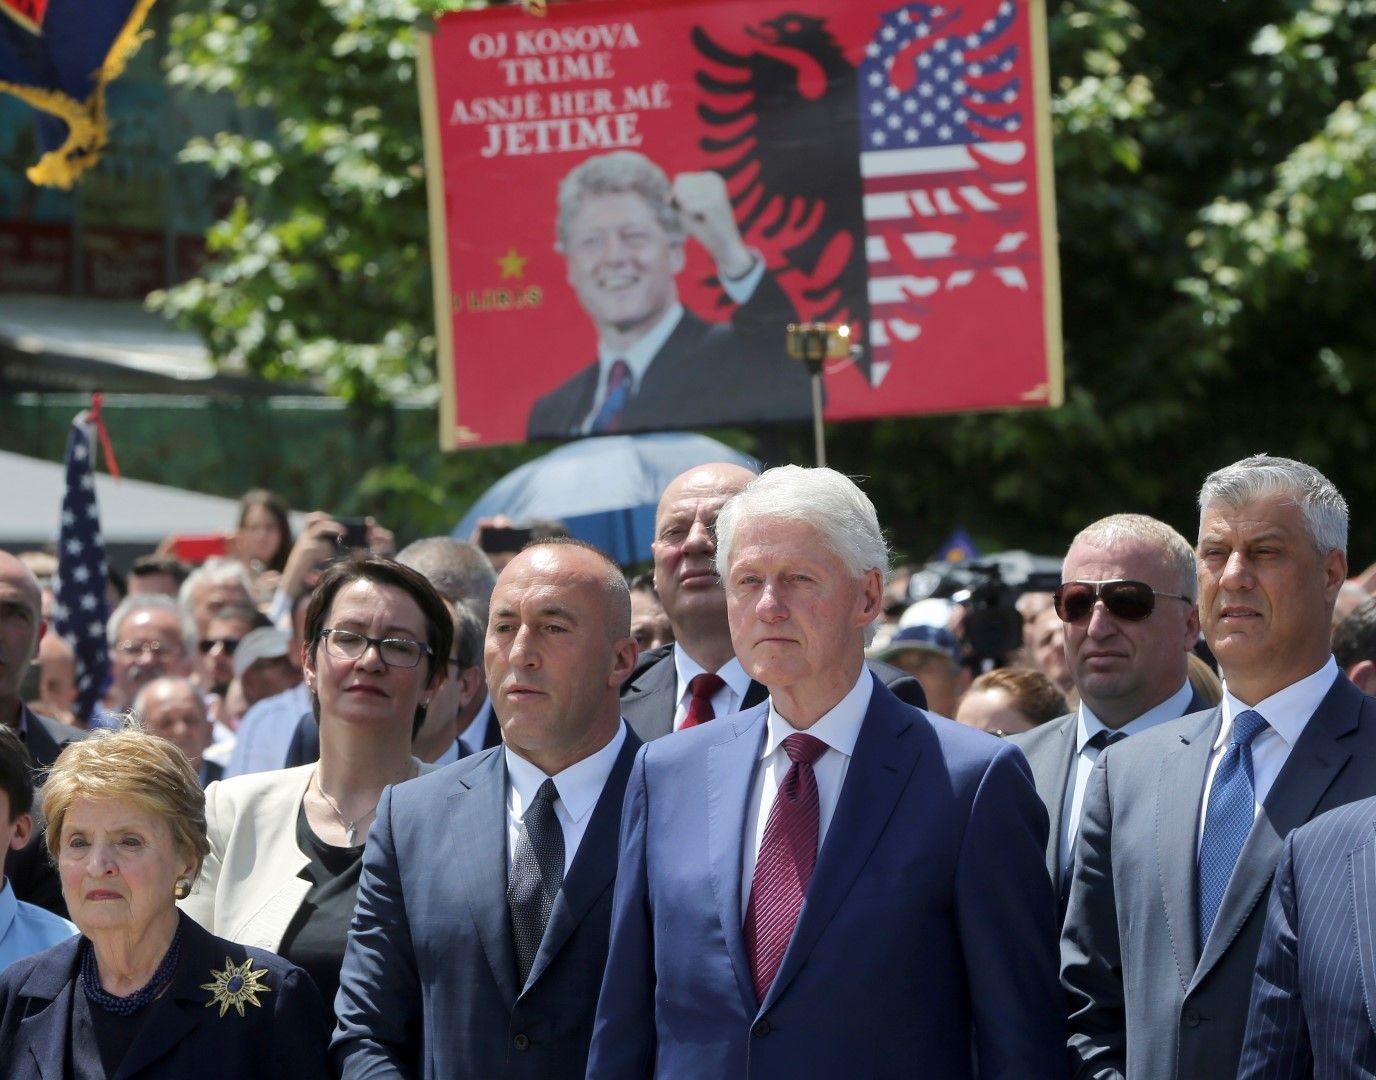 Мадлин Олбрайт, премиерът на Косово Рамуш Харадинай, Бил Клинтън и президентът Хашим Тачи (крайният вдясно) по време на честванията